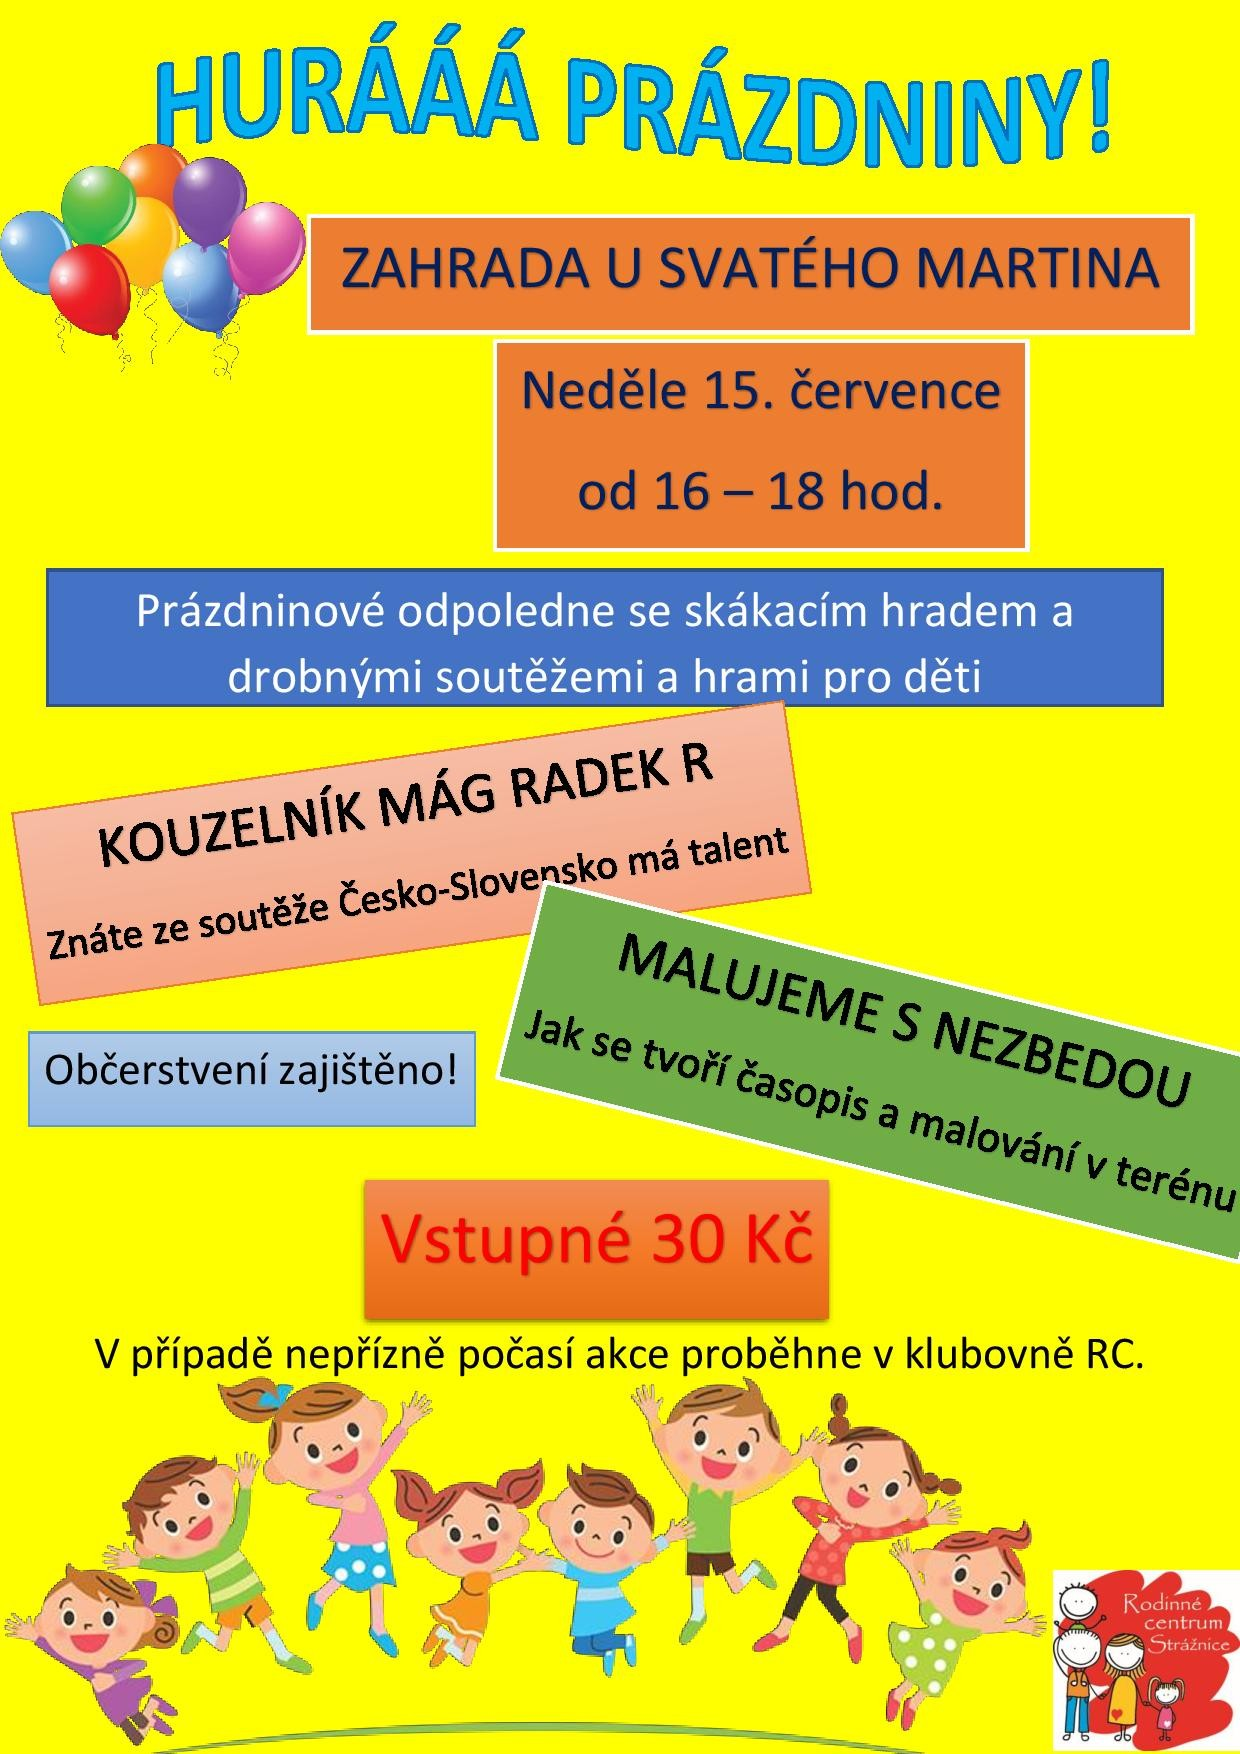 hura_prazdniny